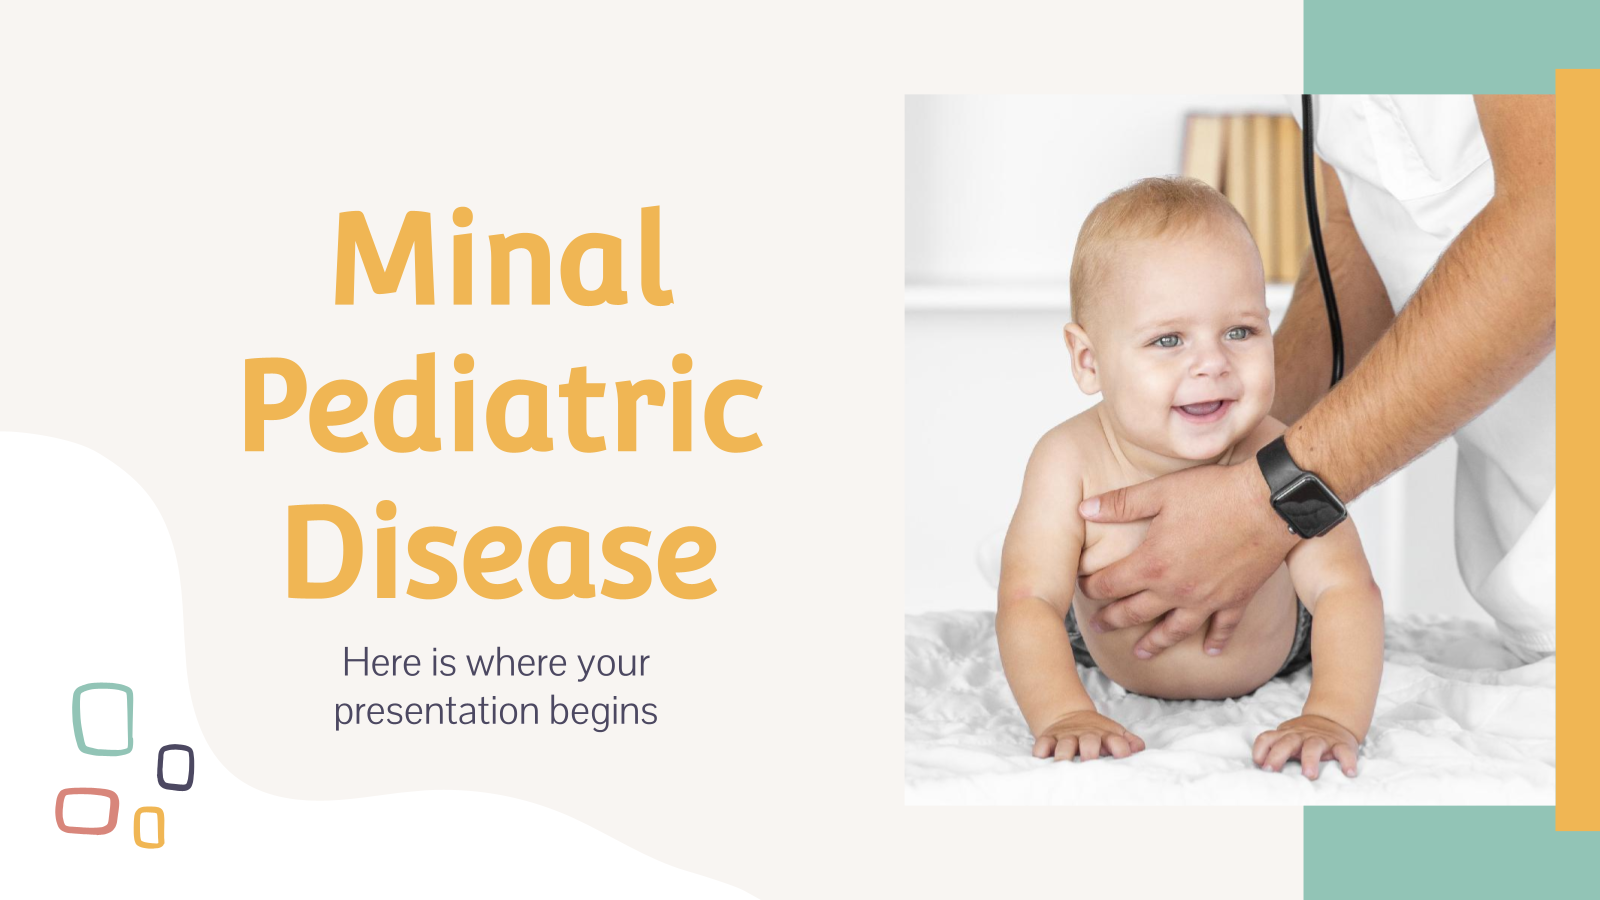 Maladie pédiatrique Minal : Modèles de présentation